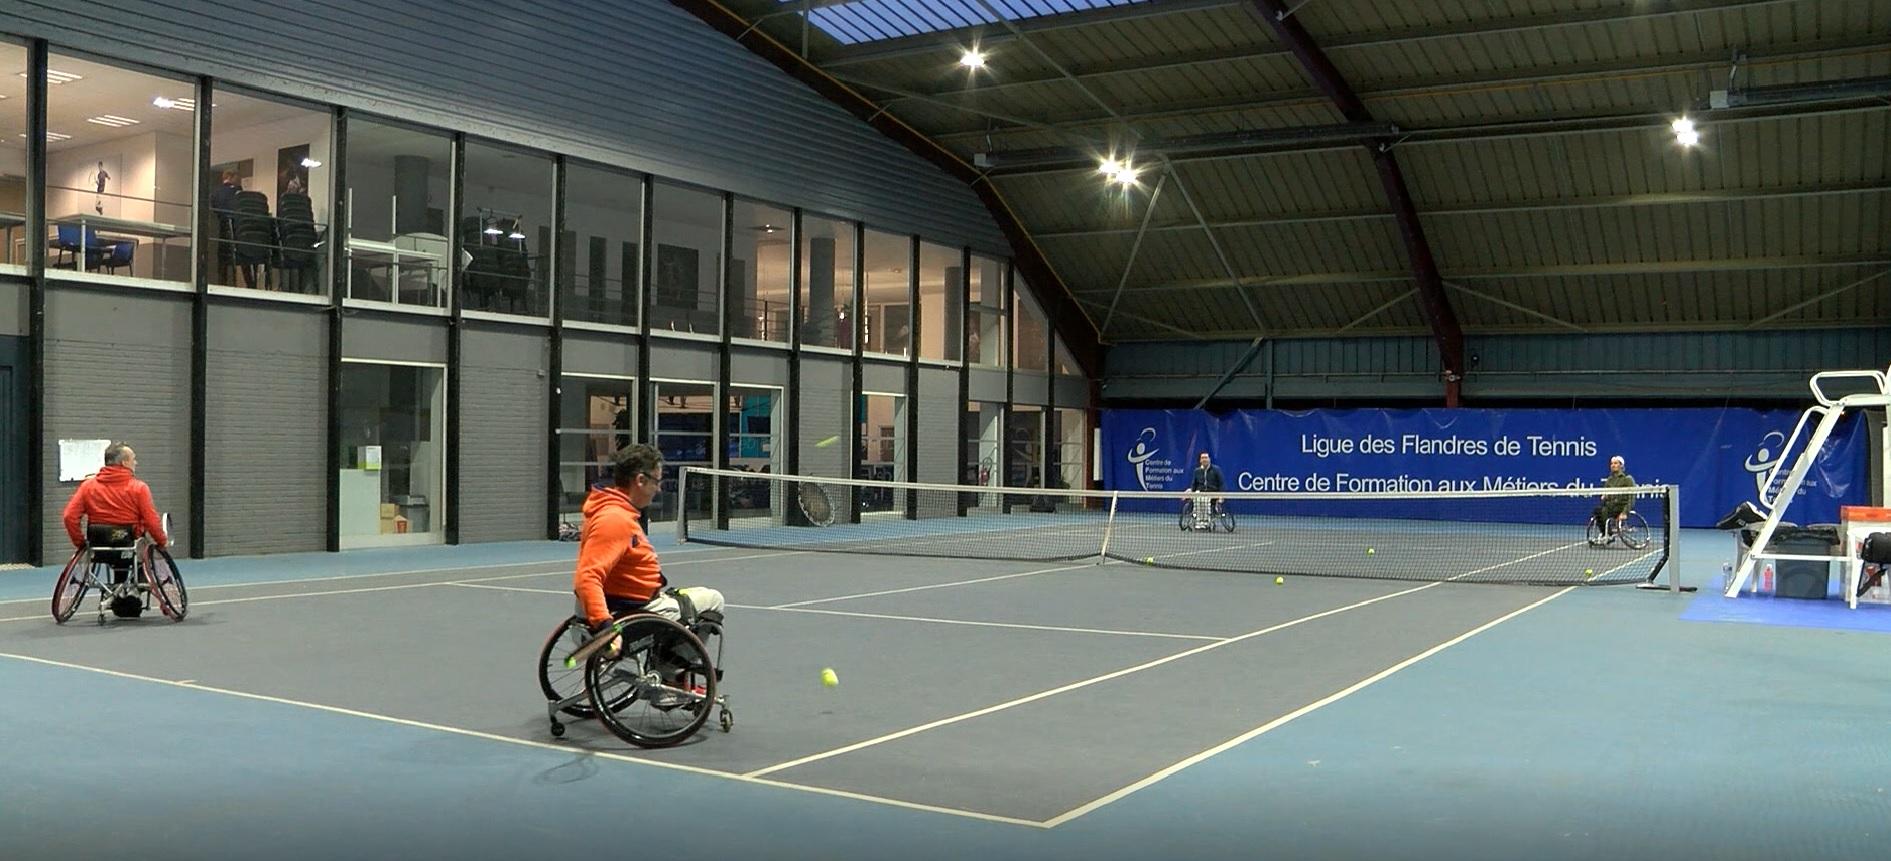 tennis fauteuil 2.jpg